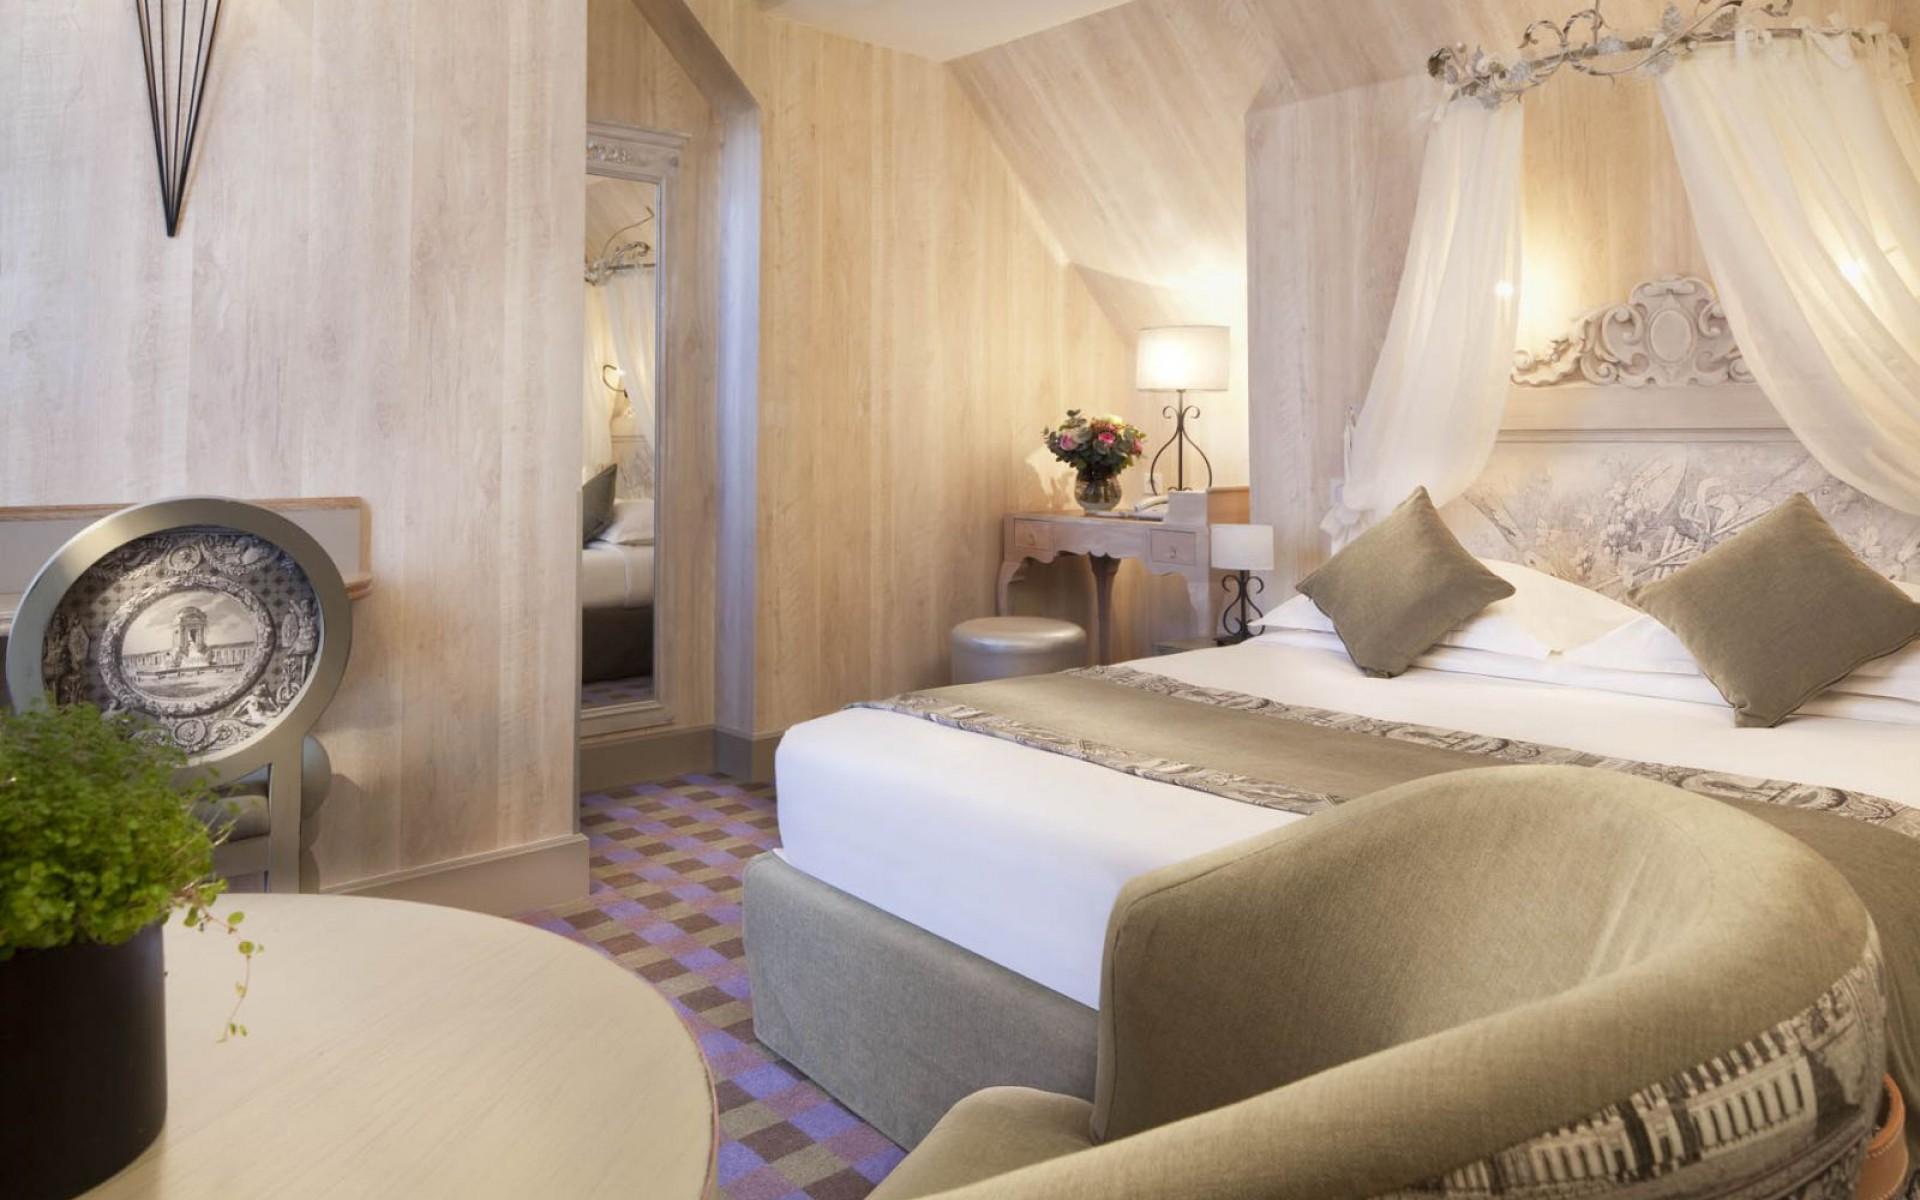 Hôtel Résidence Foch Paris - Accueil on